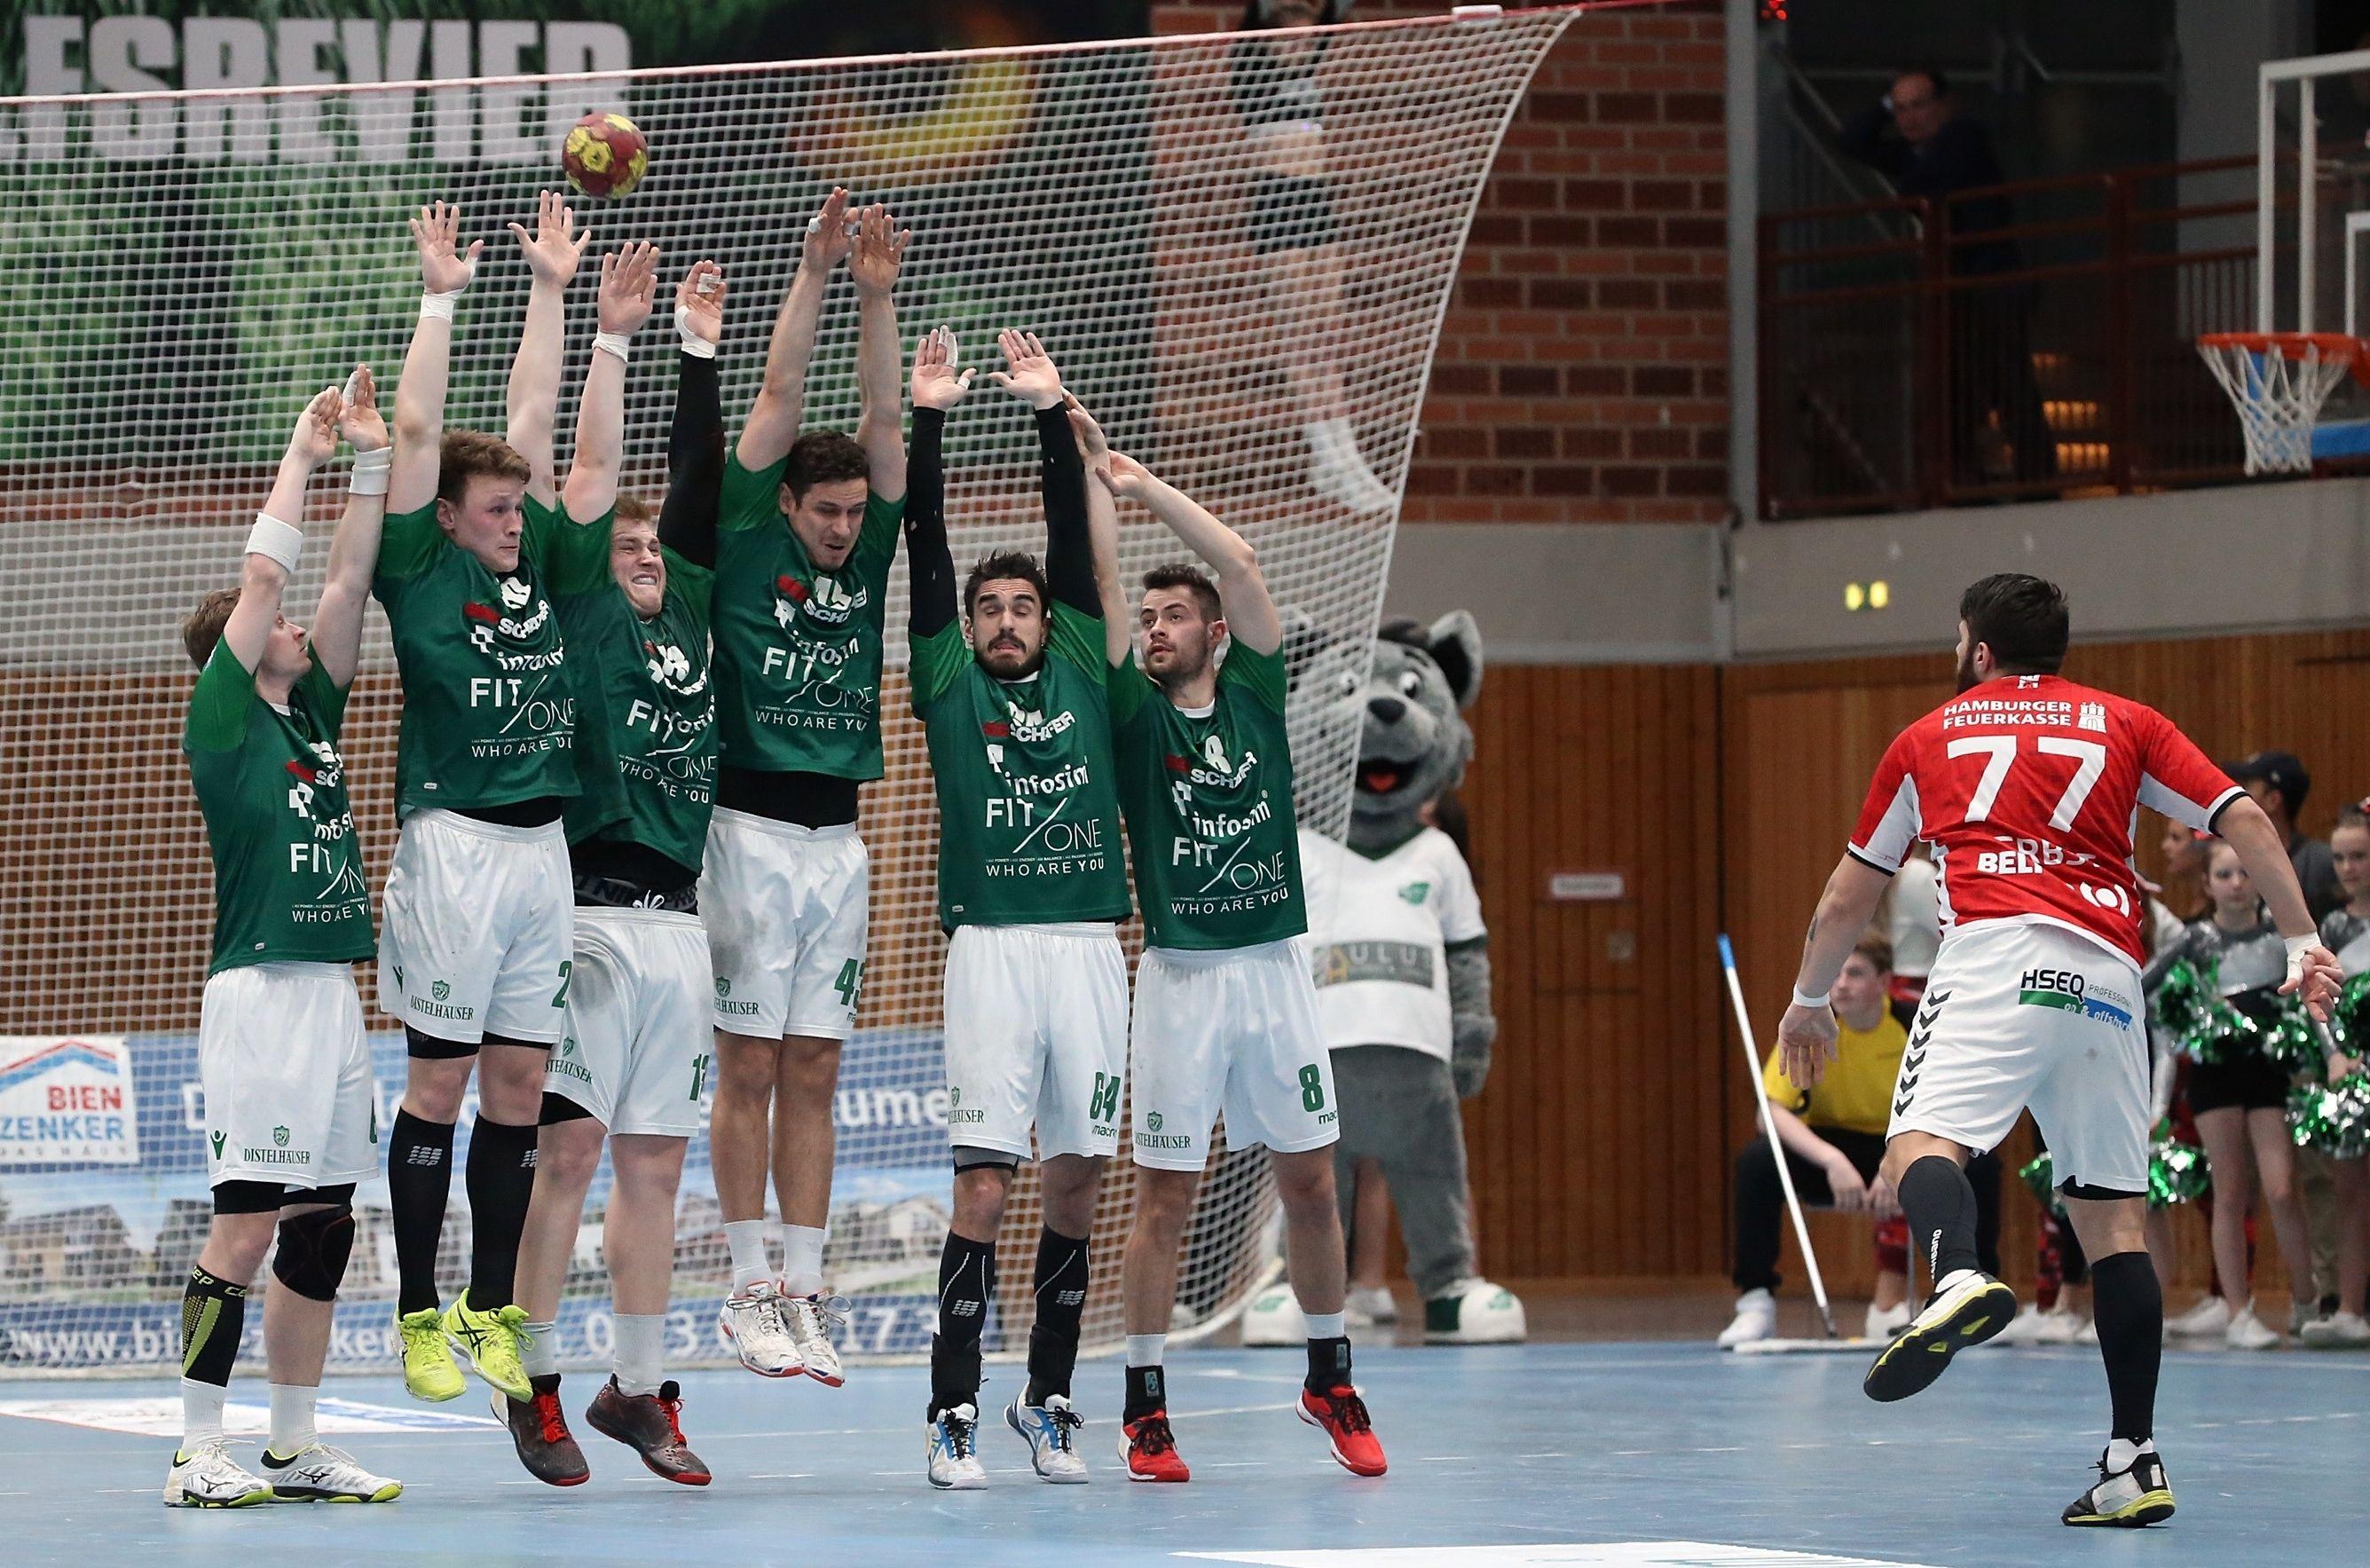 DKB 2. Handball-Bundesliga, DJK Rimpar Wölfe - Handball Sportverein Hamburg